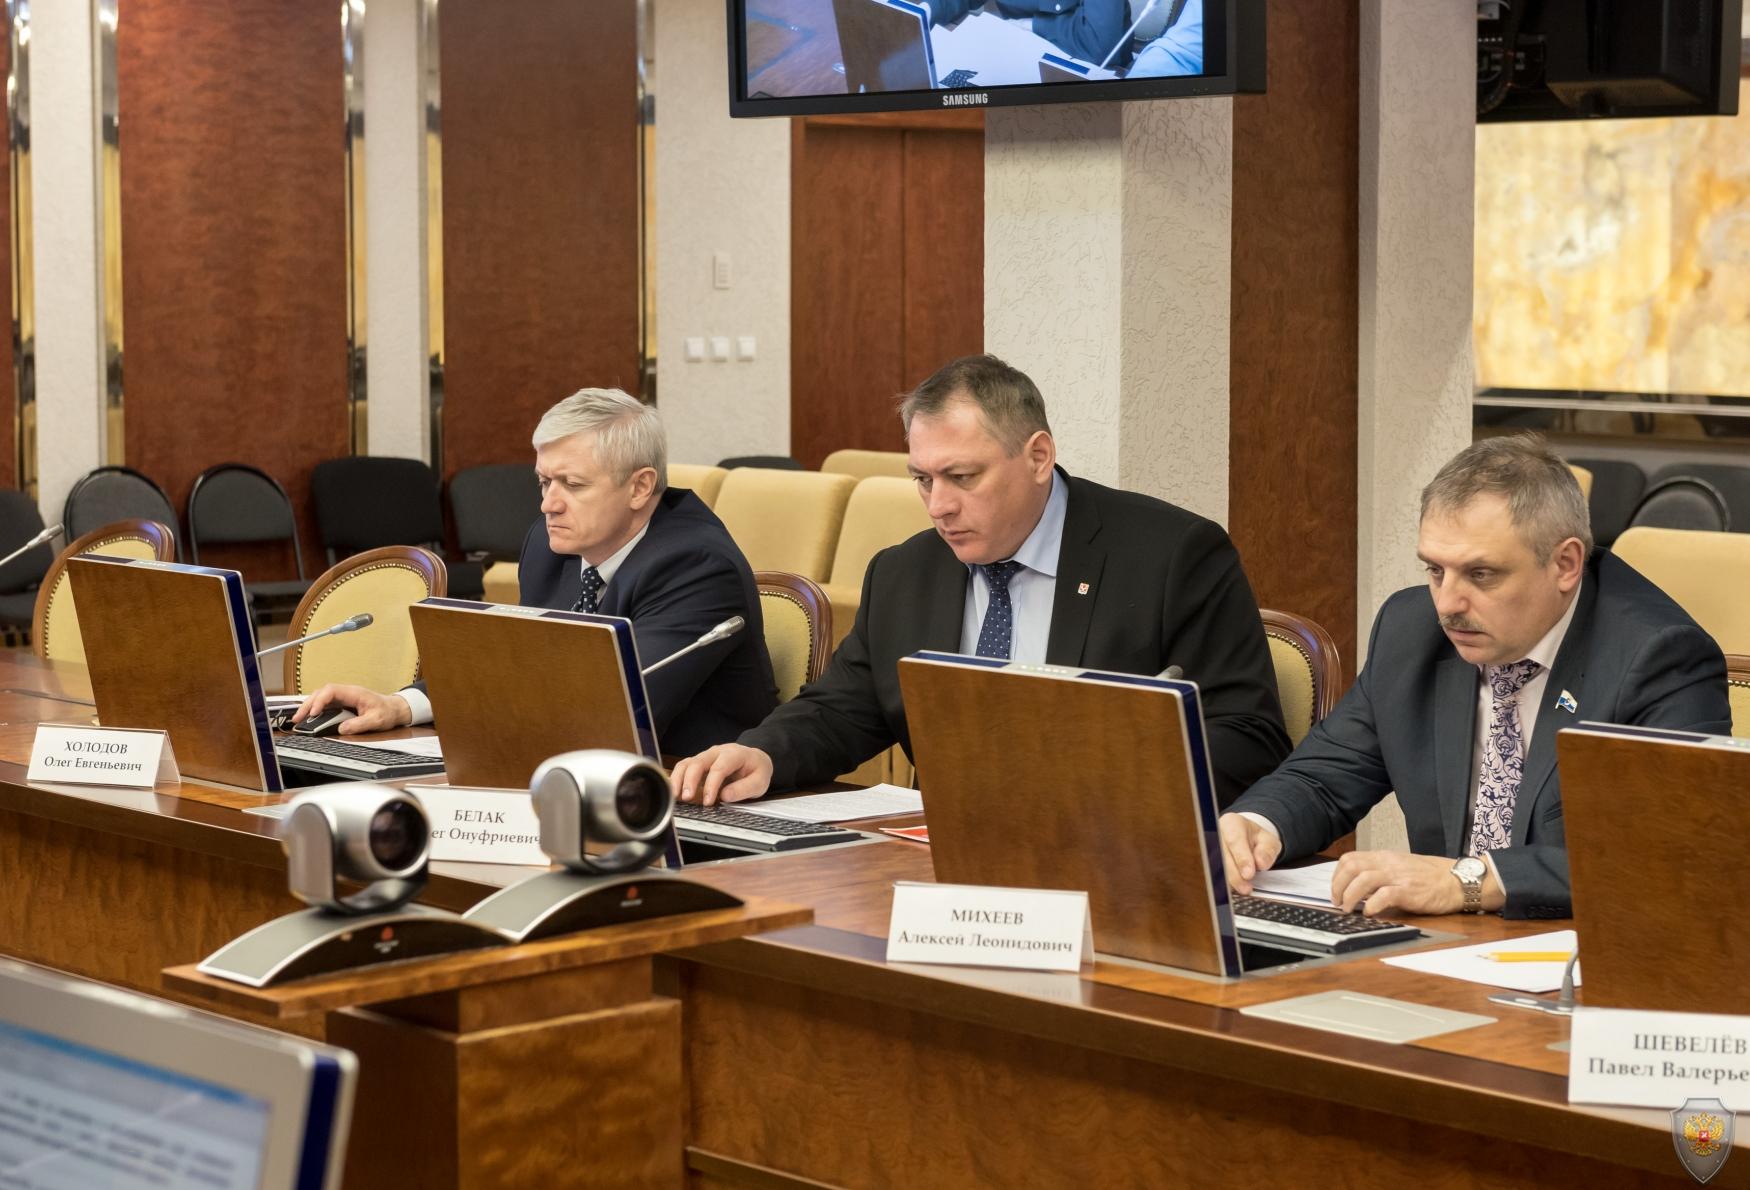 Главы муниципальных образований доложили  о принимаемых мерах по обеспечению безопасности в канун  и период проведения майских праздников